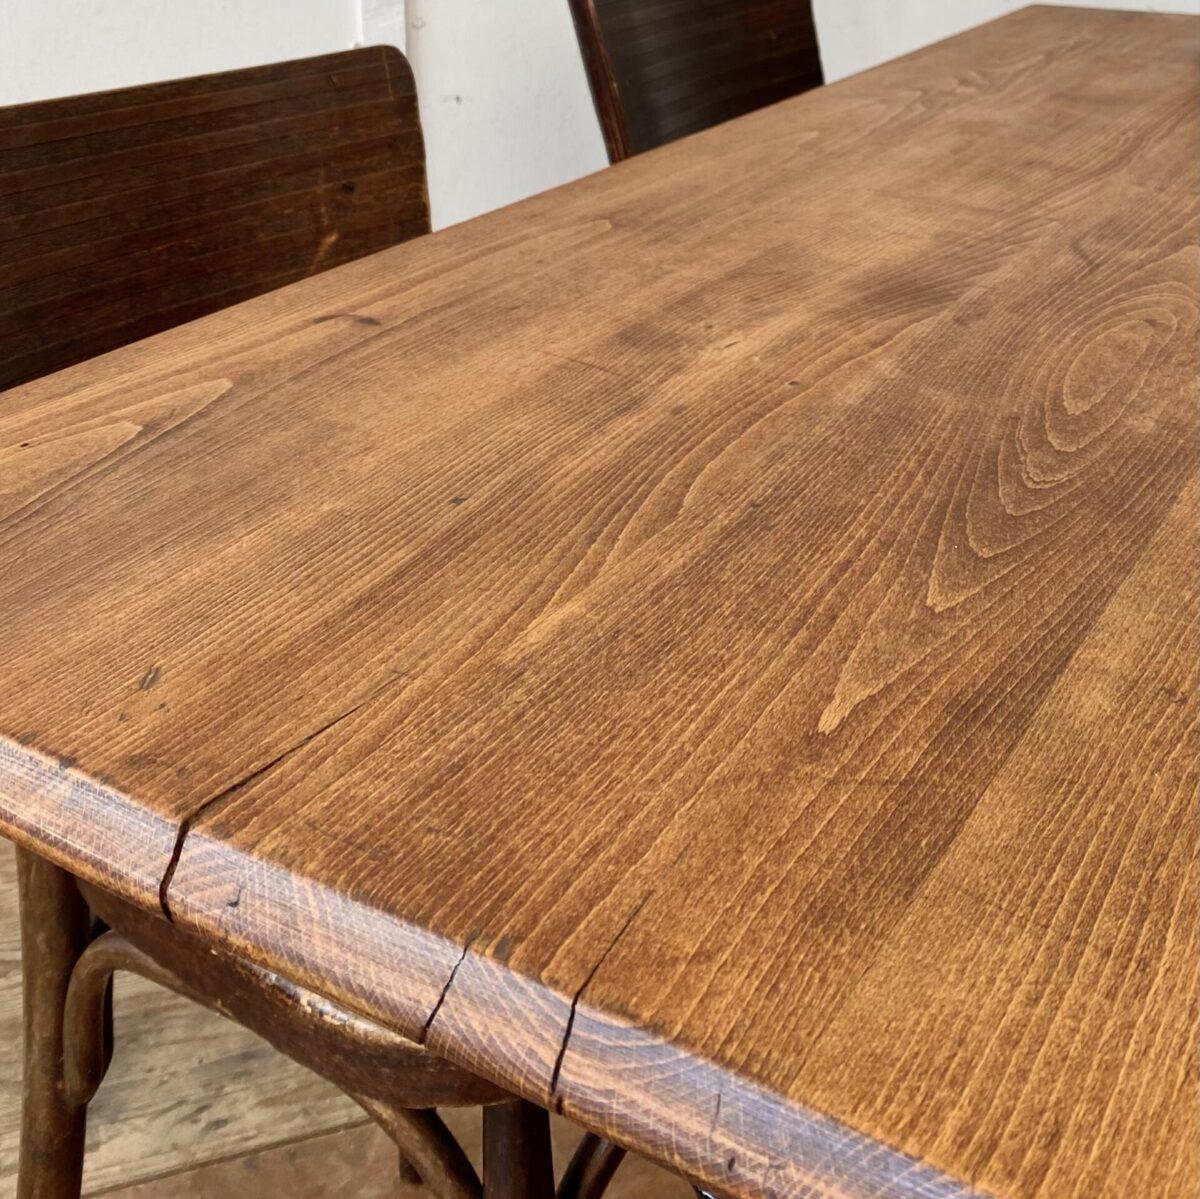 Deuxieme.shop. Zwei Horgenglarus Beizentische mit Profilkante. 150x70cm Höhe 75cm. Preis pro Tisch. Die Tischblätter sind aus Buche Vollholz, diverse Gebrauchsspuren, Risse und Alterspatina. Alles in stabilem Zustand, Holz Oberflächen mit Naturöl behandelt. Die Karniskante ist schon recht rund und abgenutzt. An dem Tisch finden angenehm 6 Personen Platz.